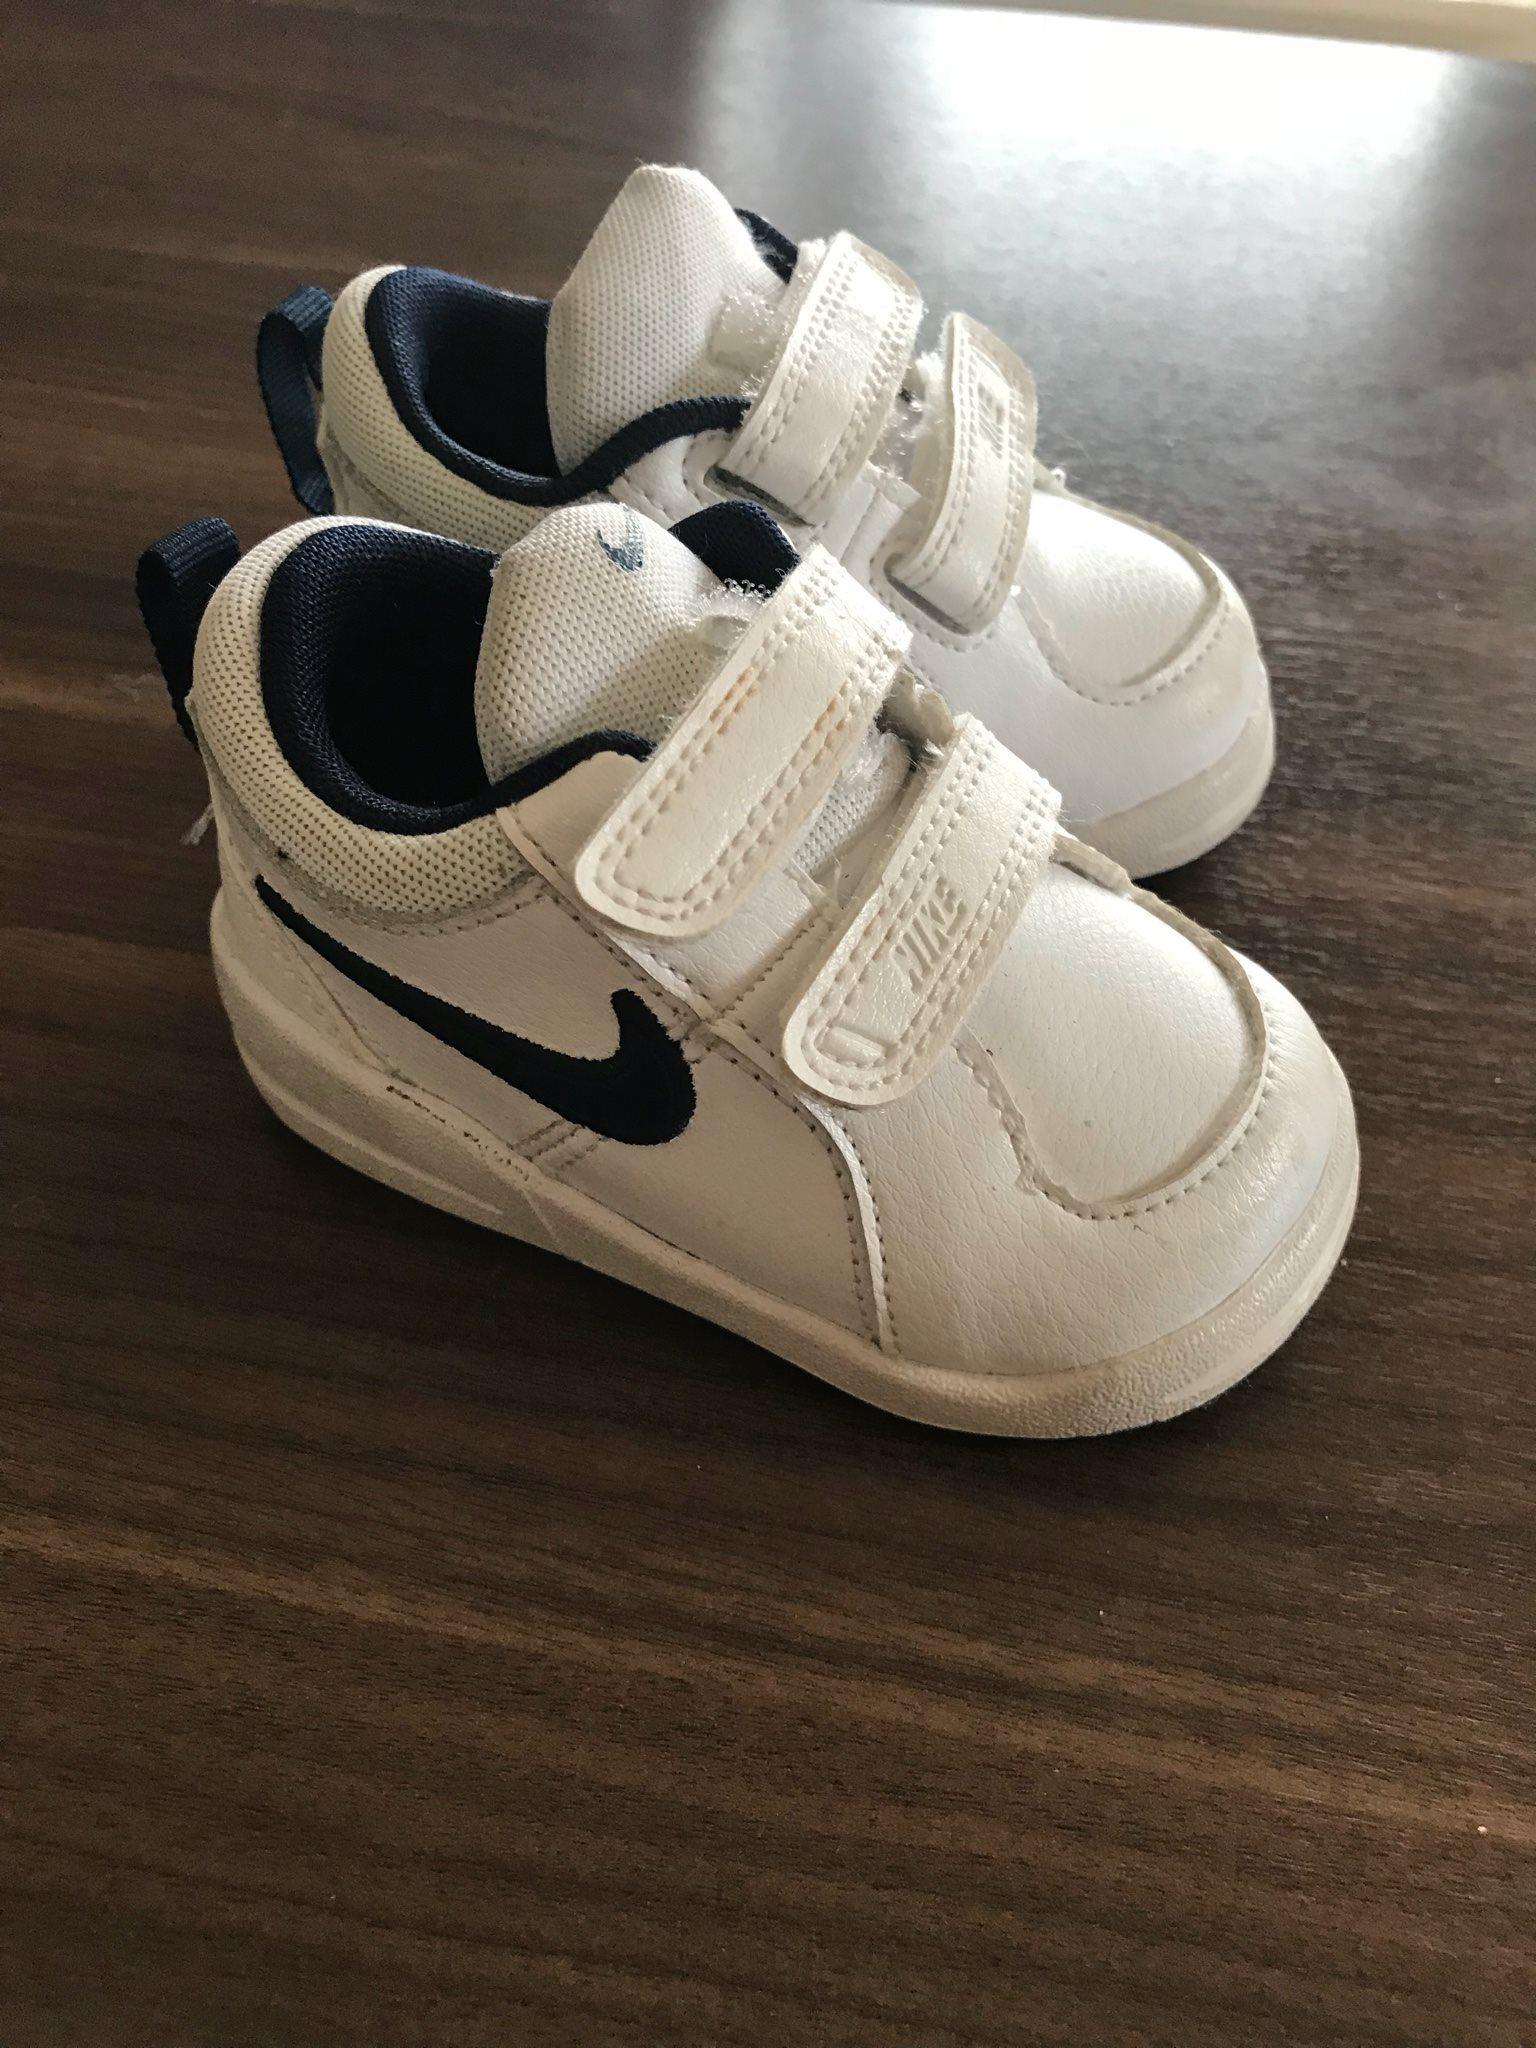 new product 32d5c 0d5b6 Storlek Skor 313590324 19 Nike 5 qRff5